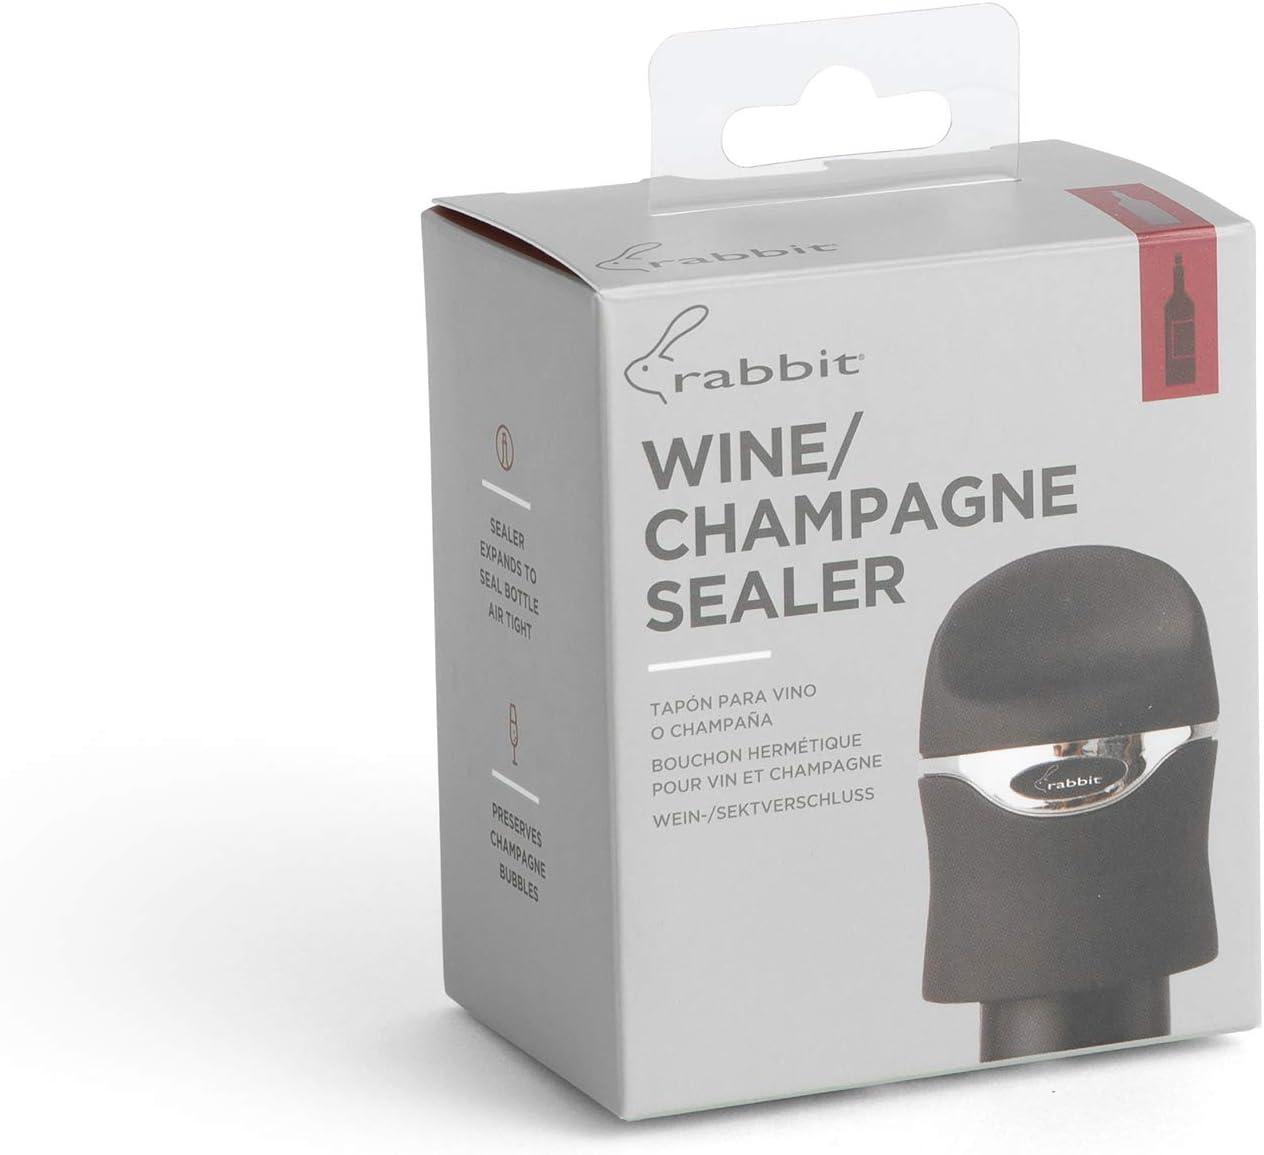 Velvet Black Rabbit Champagne and Wine Sealer